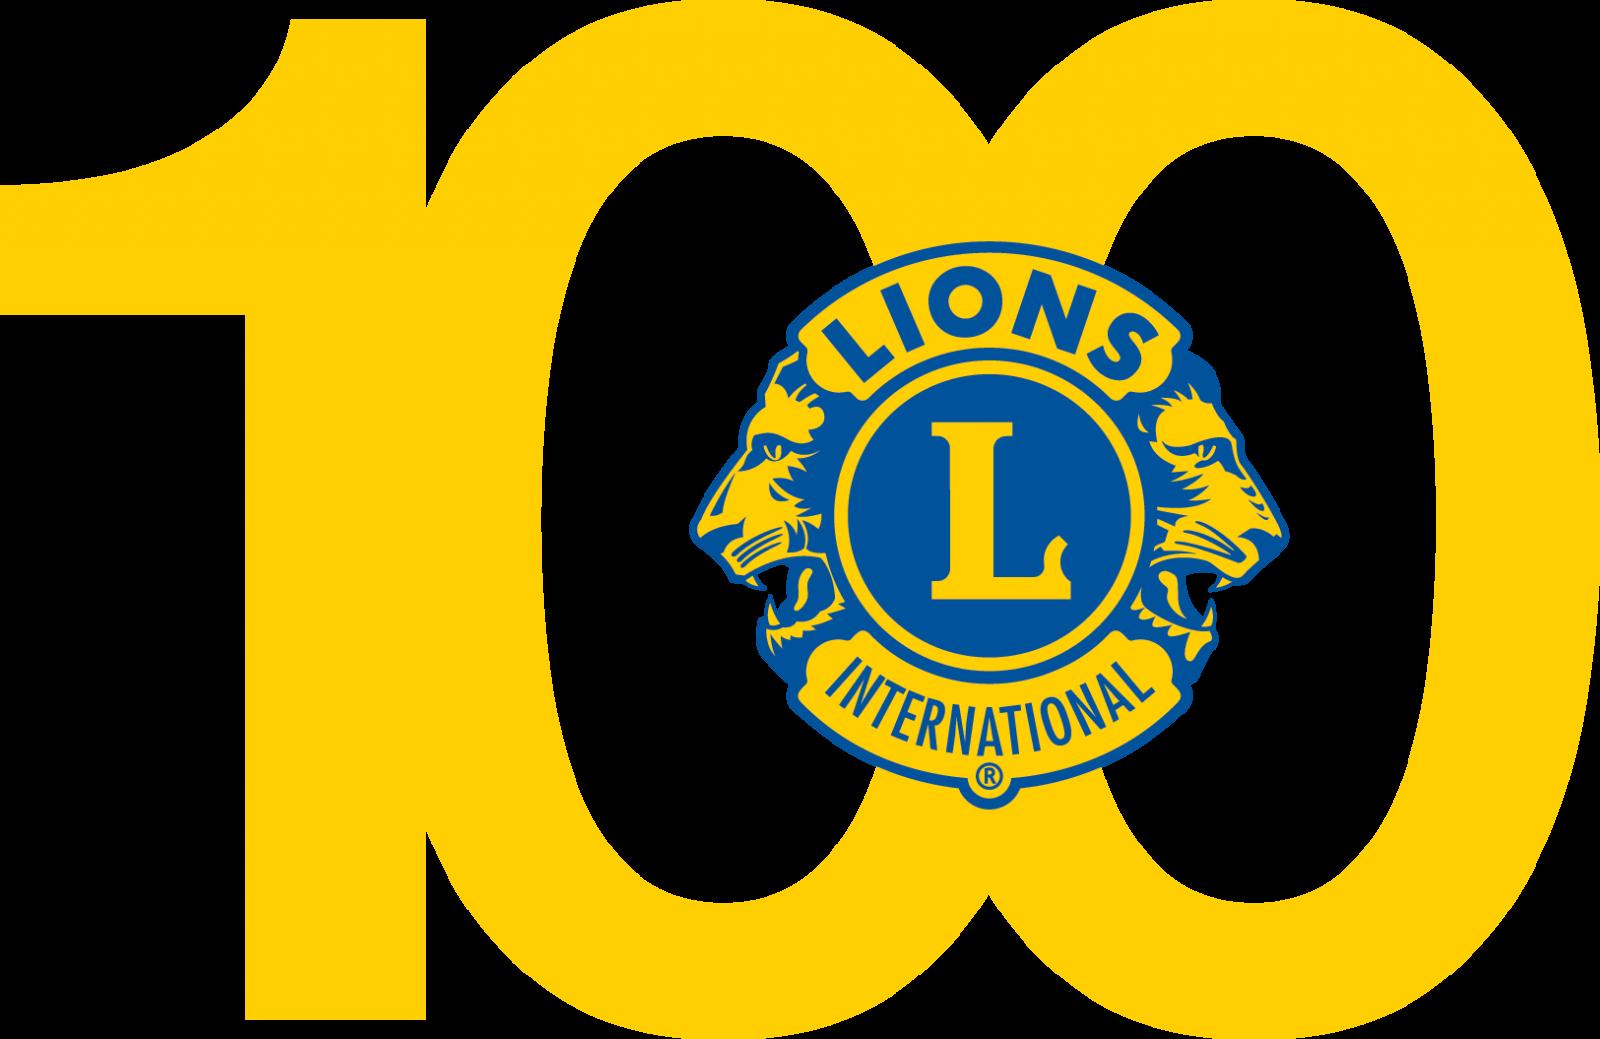 Suomenkielinen Lions Clubs Internationalin satavuotisjuhlat -sivusto